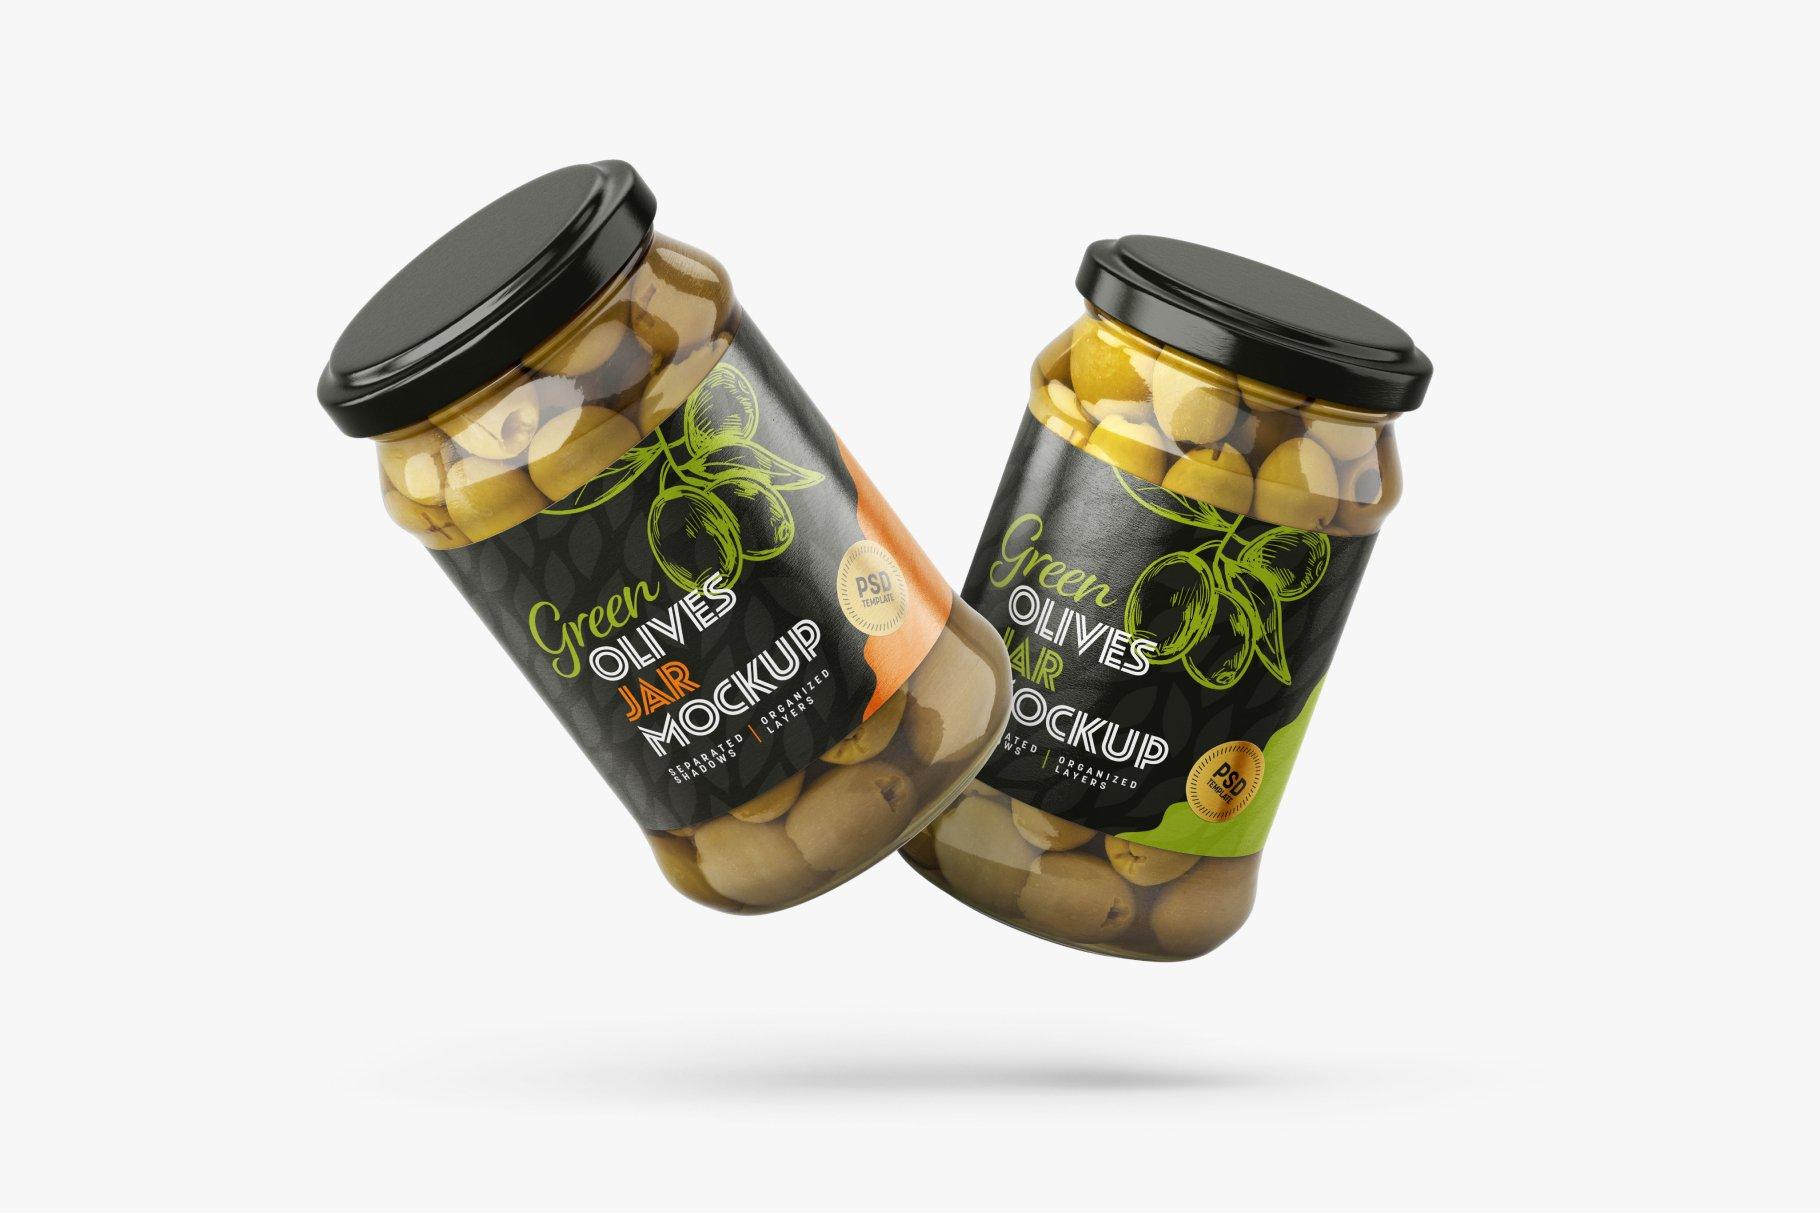 9款新潮华丽食品果酱罐头玻璃罐标签设计样机合集 Olives Jar Mockup Set插图9